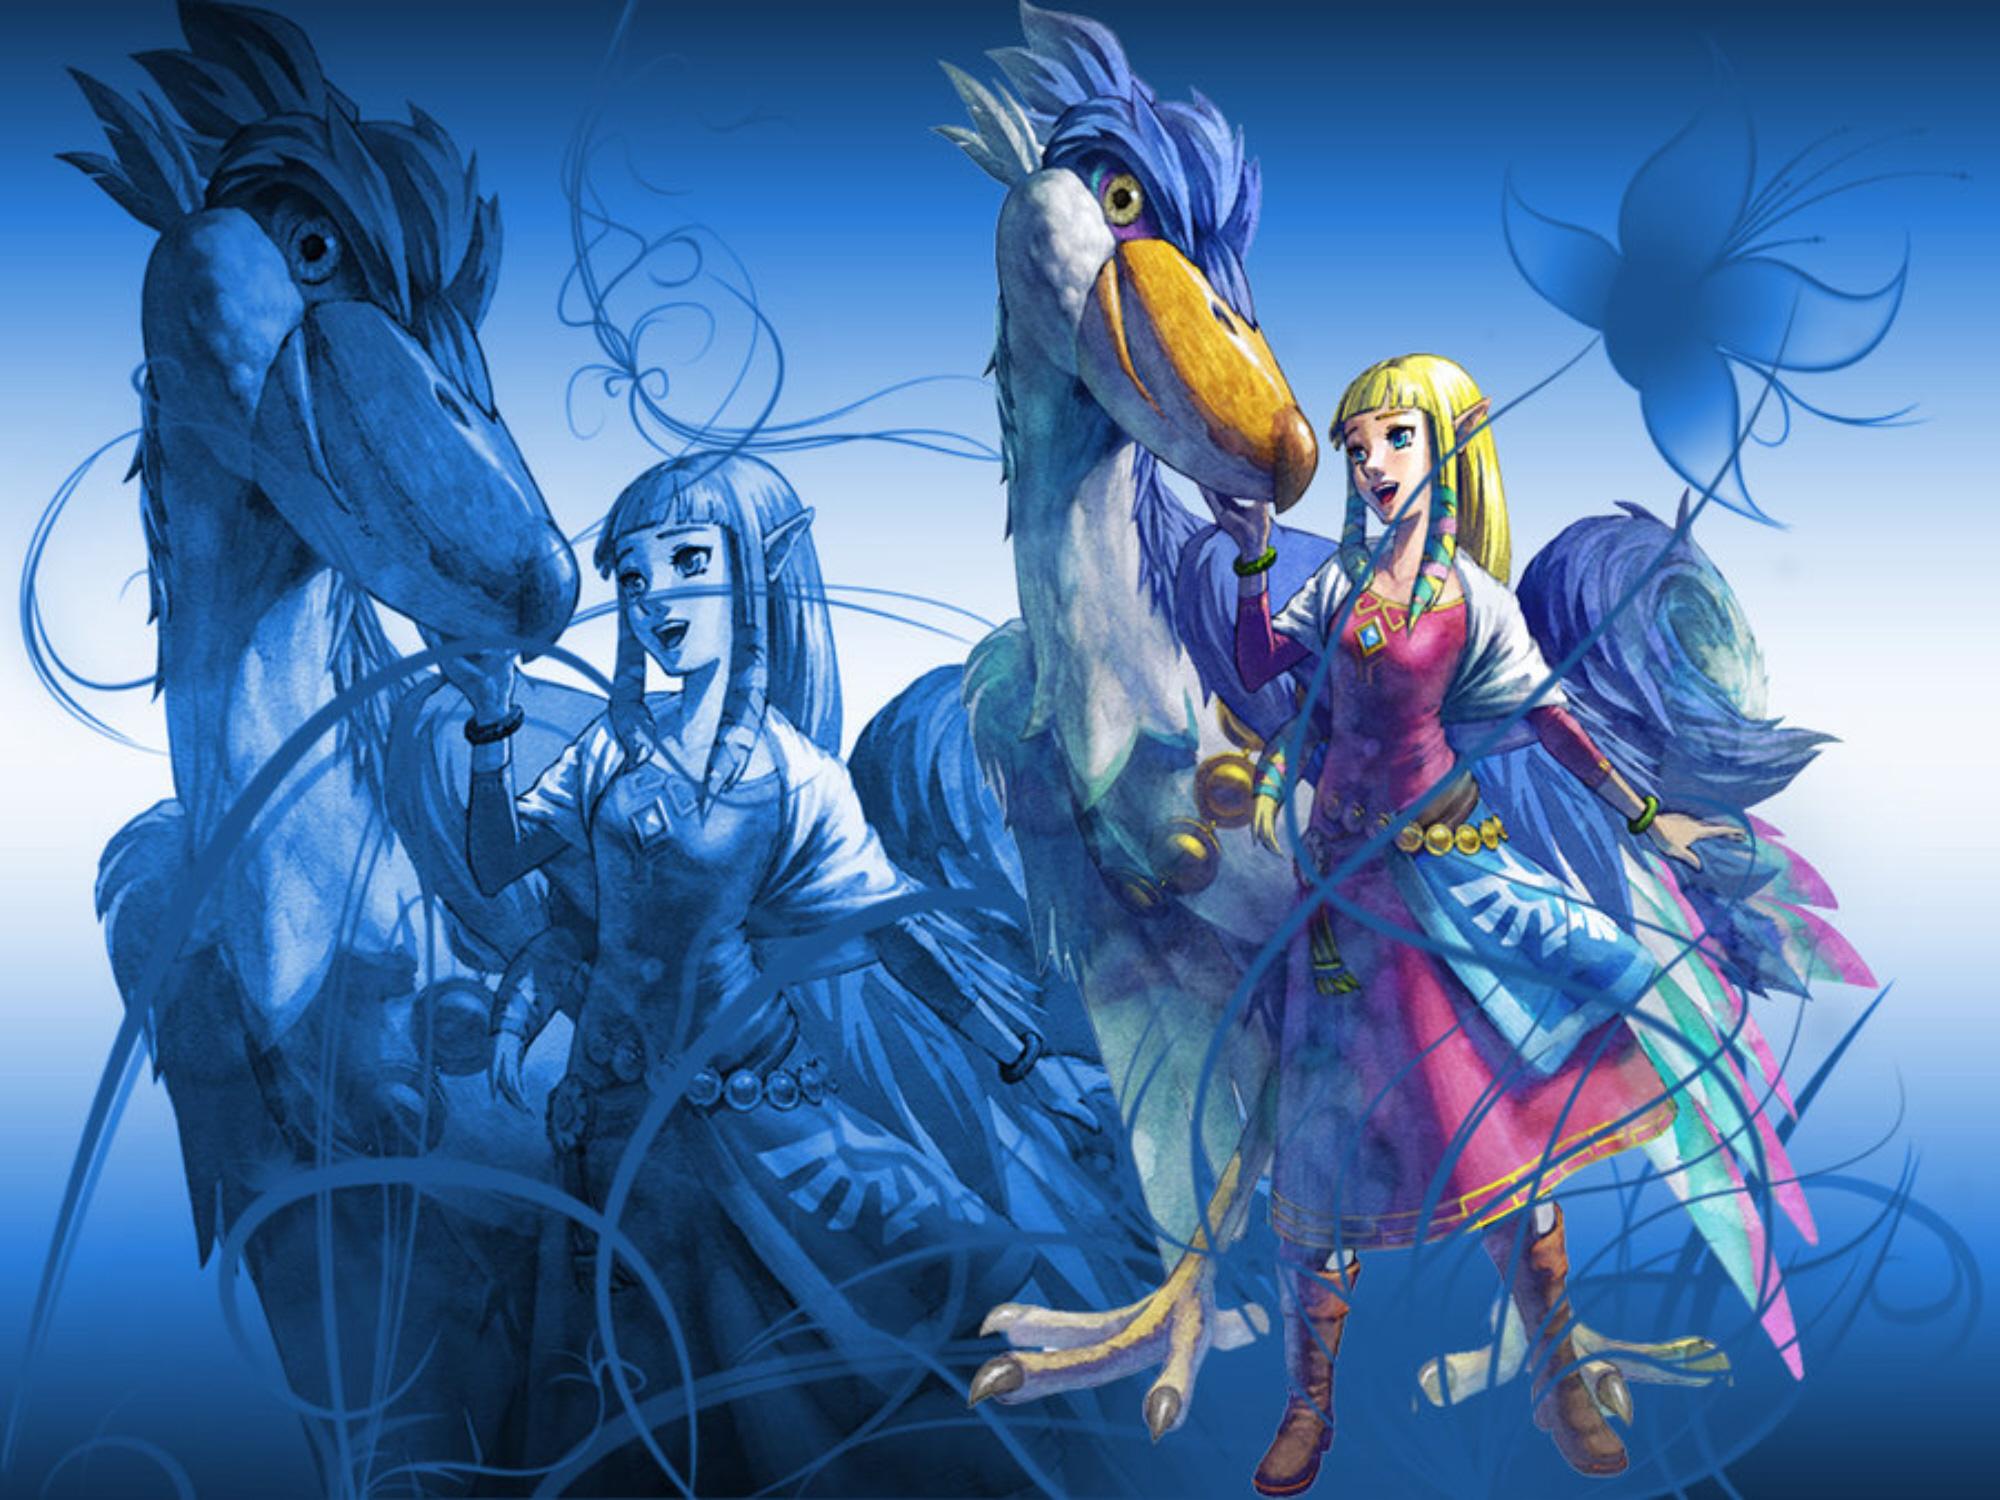 Zelda Skyward Sword Wallpaper Cute Princess Zelda